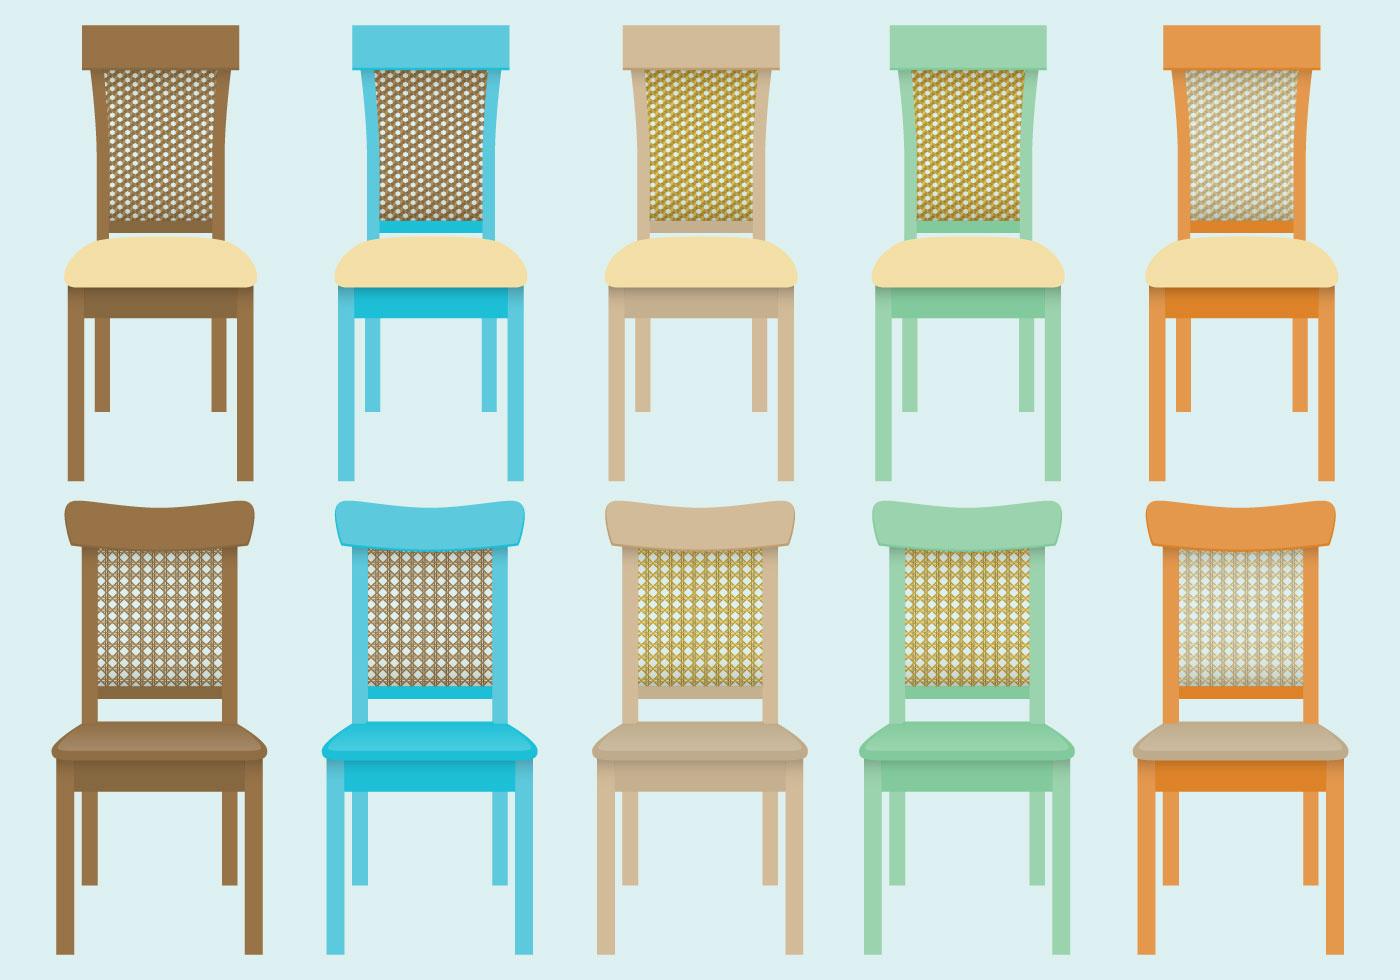 office chair vector evac 300h mk4 wicker vectors download free art stock